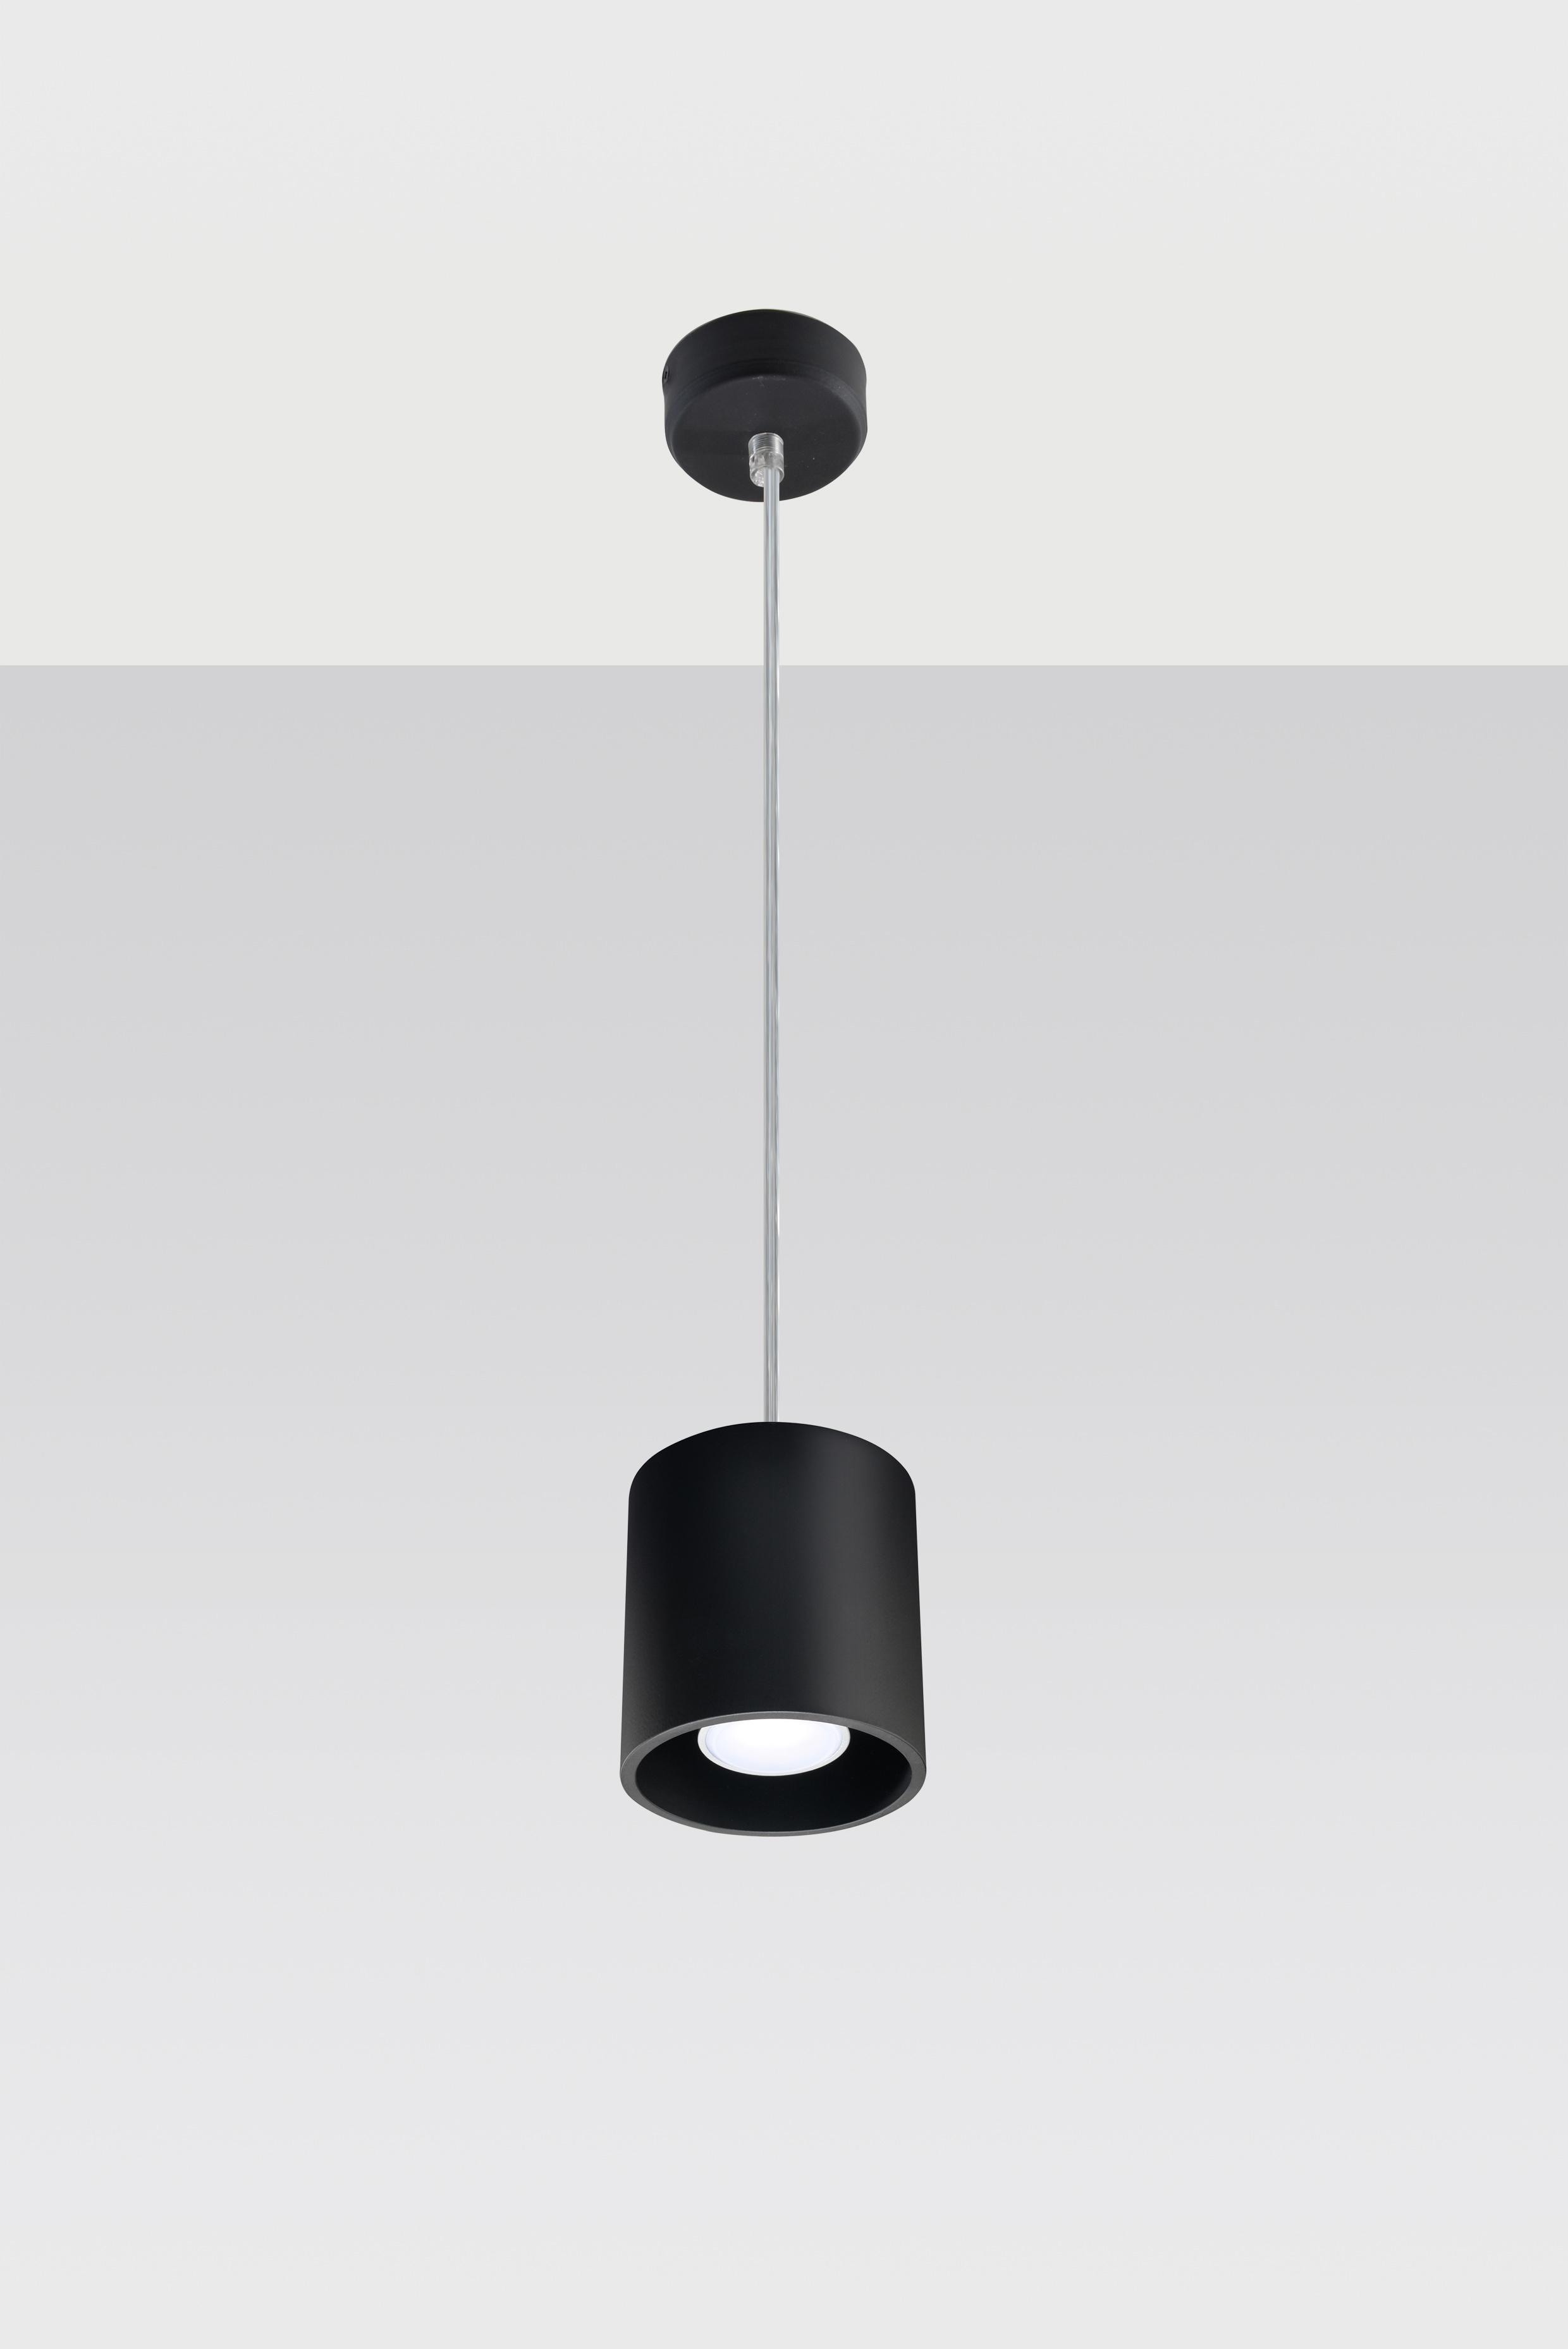 SOLLUX lighting Pendelleuchte ORBIS, GU10, 1 St., Hängeleuchte, Hängelampe